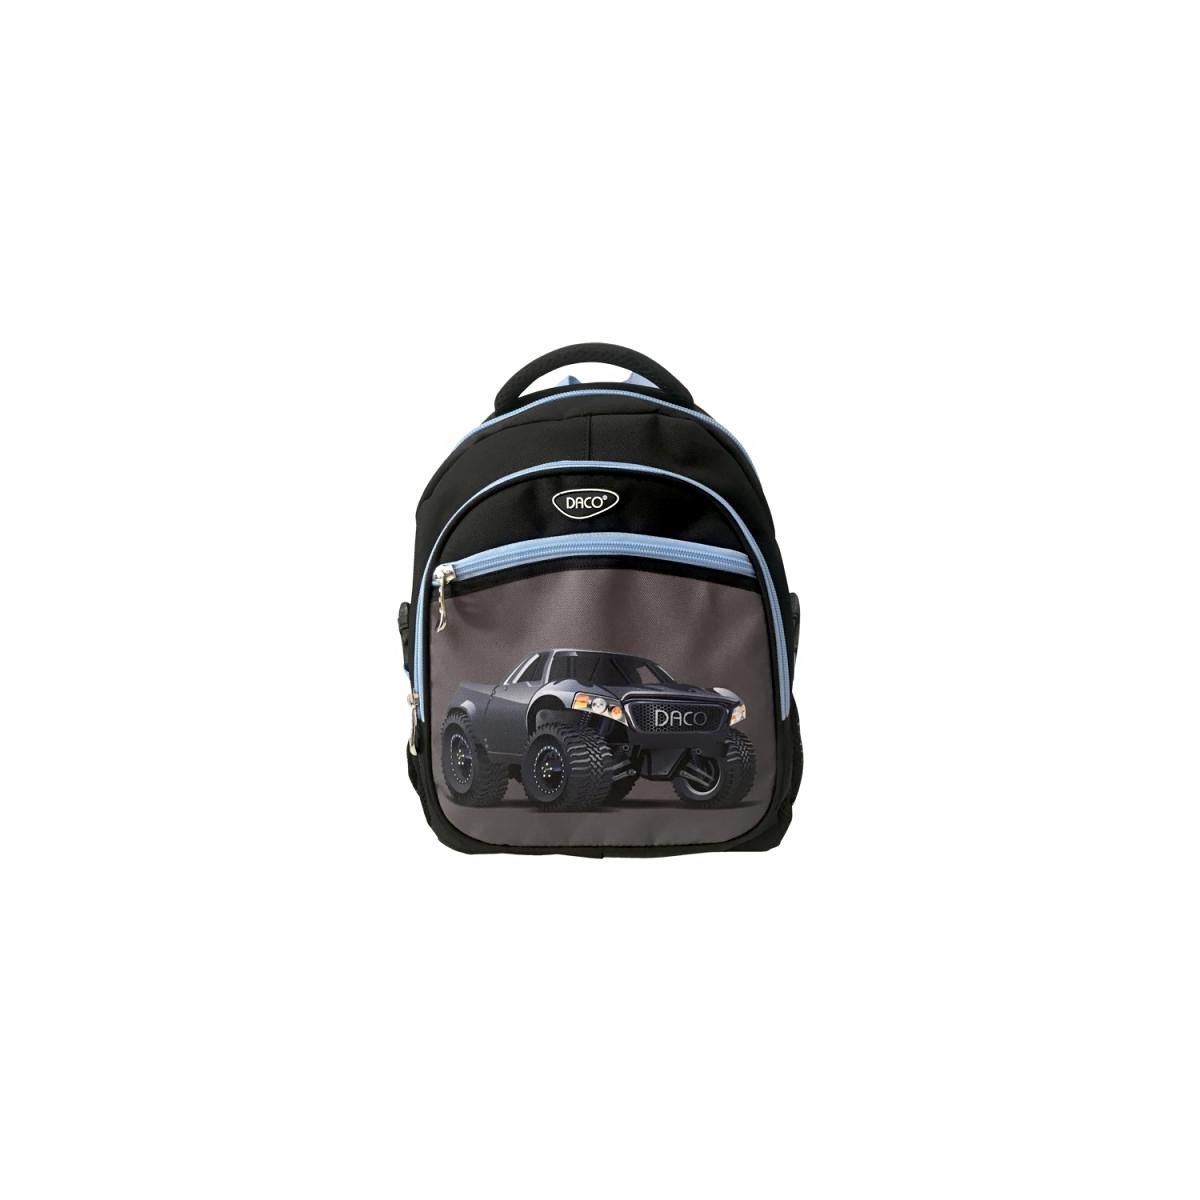 Ghiozdan Pentru Școală, 38 Centimetri, Negru, Truck, Daco, GH361